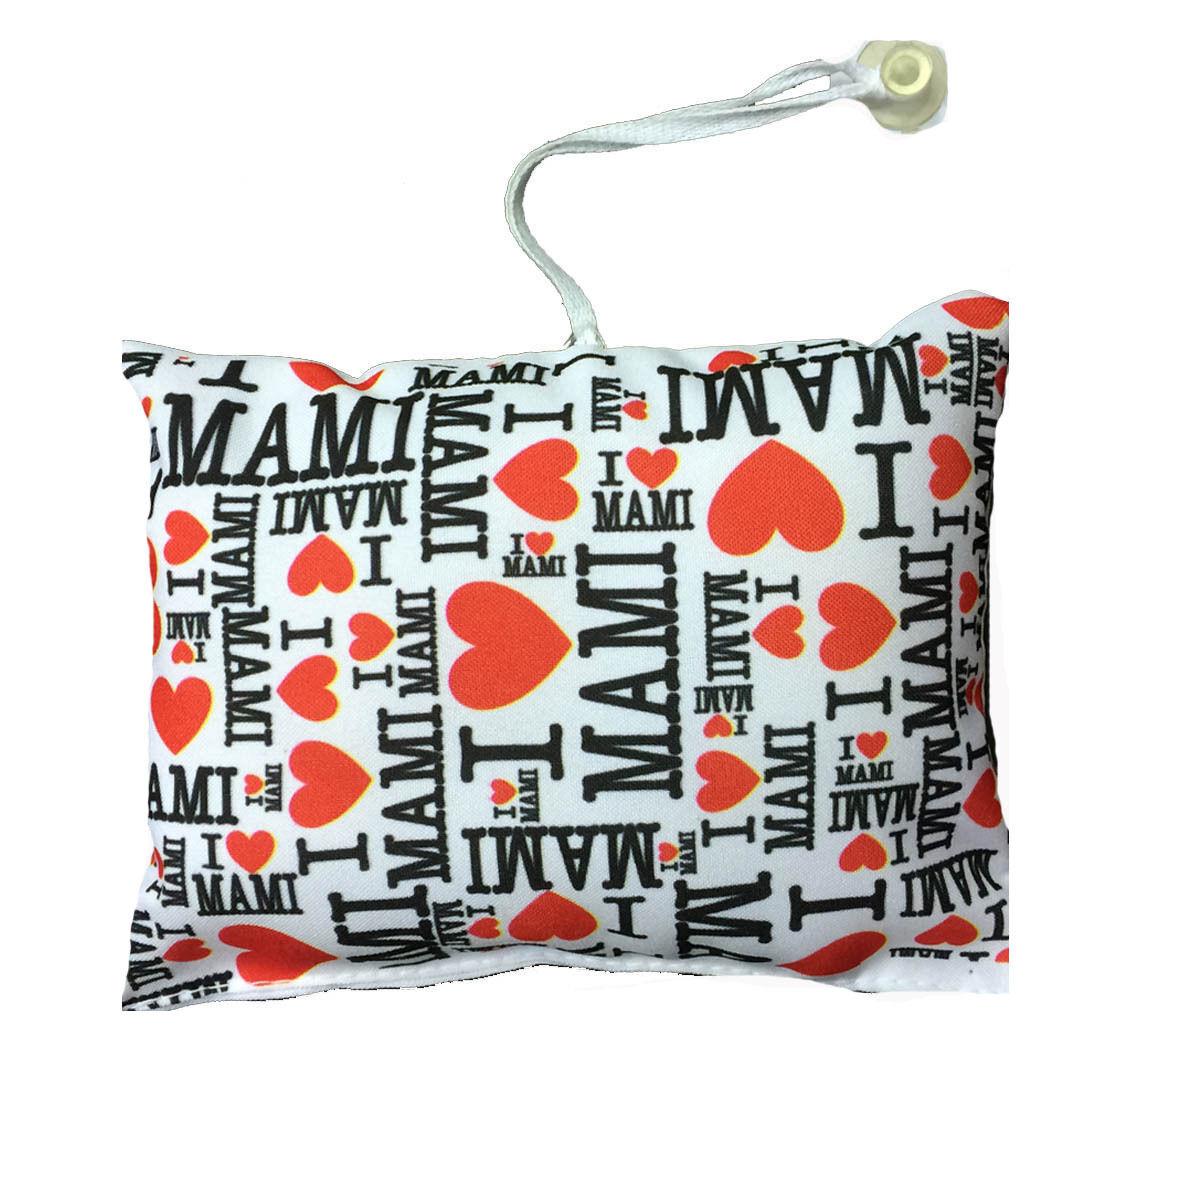 MAMMA mini cuscino auto con ventosa personalizzabile I LOVE MAMI 16,5x12,5 cm